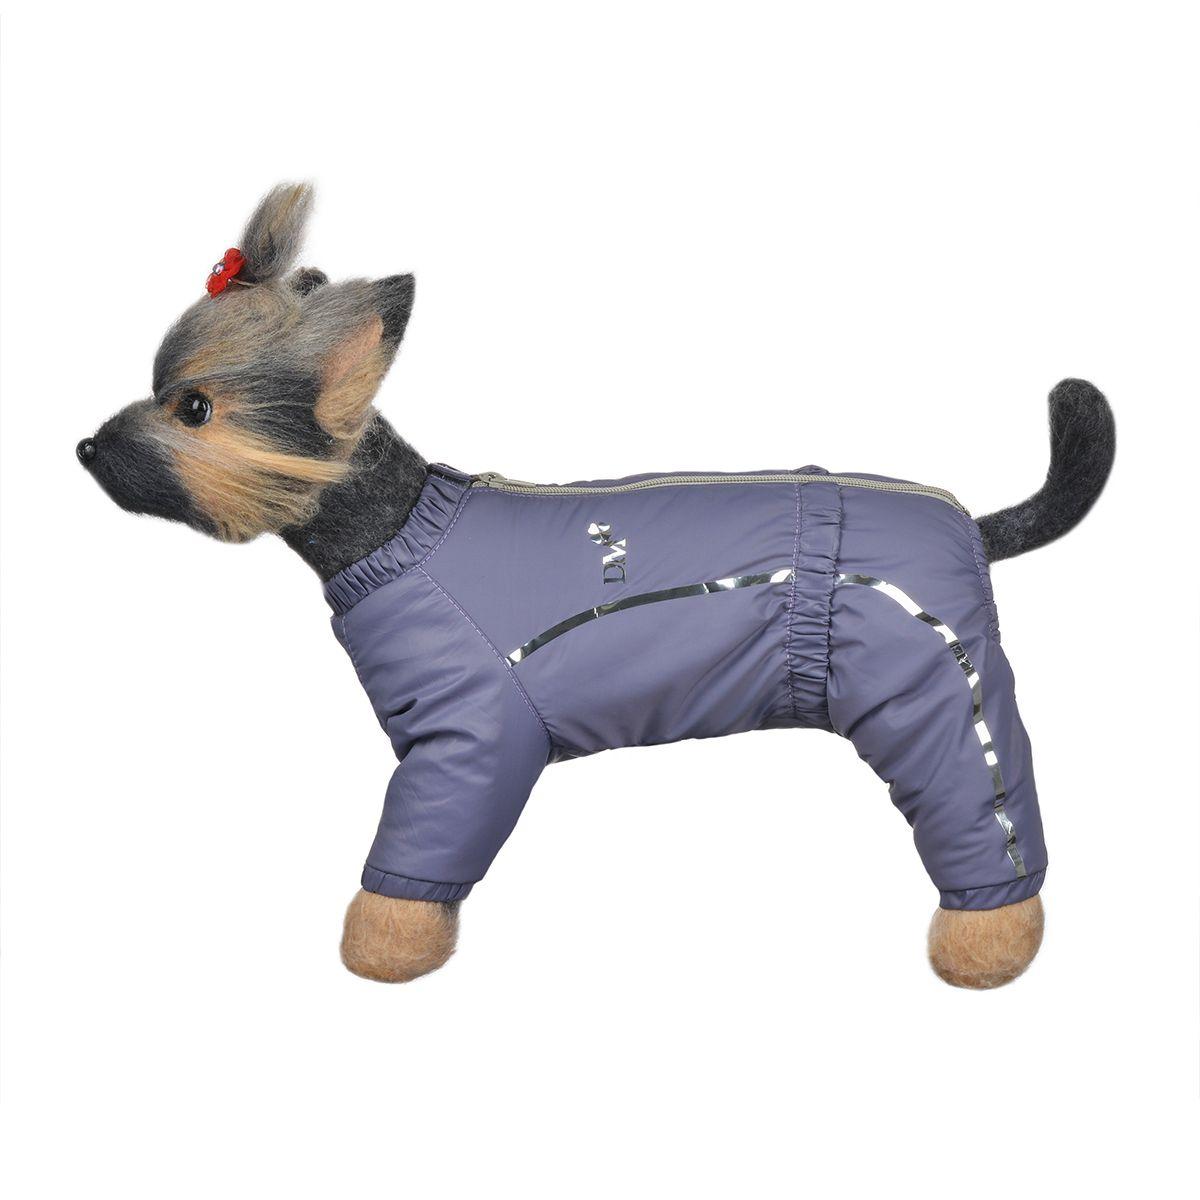 Комбинезон для собак Dogmoda Альпы, зимний, для девочки, цвет: фиолетовый, серый. Размер 4 (XL)0120710Зимний комбинезон для собак Dogmoda Альпы отлично подойдет для прогулок в зимнее время года.Комбинезон изготовлен из полиэстера, защищающего от ветра и снега, с утеплителем из синтепона, который сохранит тепло даже в сильные морозы, а на подкладке используется искусственный мех, который обеспечивает отличный воздухообмен. Комбинезон застегивается на молнию и липучку, благодаря чему его легко надевать и снимать. Ворот, низ рукавов и брючин оснащены внутренними резинками, которые мягко обхватывают шею и лапки, не позволяя просачиваться холодному воздуху. На пояснице имеется внутренняя резинка. Изделие декорировано серебристыми полосками и надписью DM.Благодаря такому комбинезону простуда не грозит вашему питомцу и он сможет испытать не сравнимое удовольствие от снежных игр и забав.